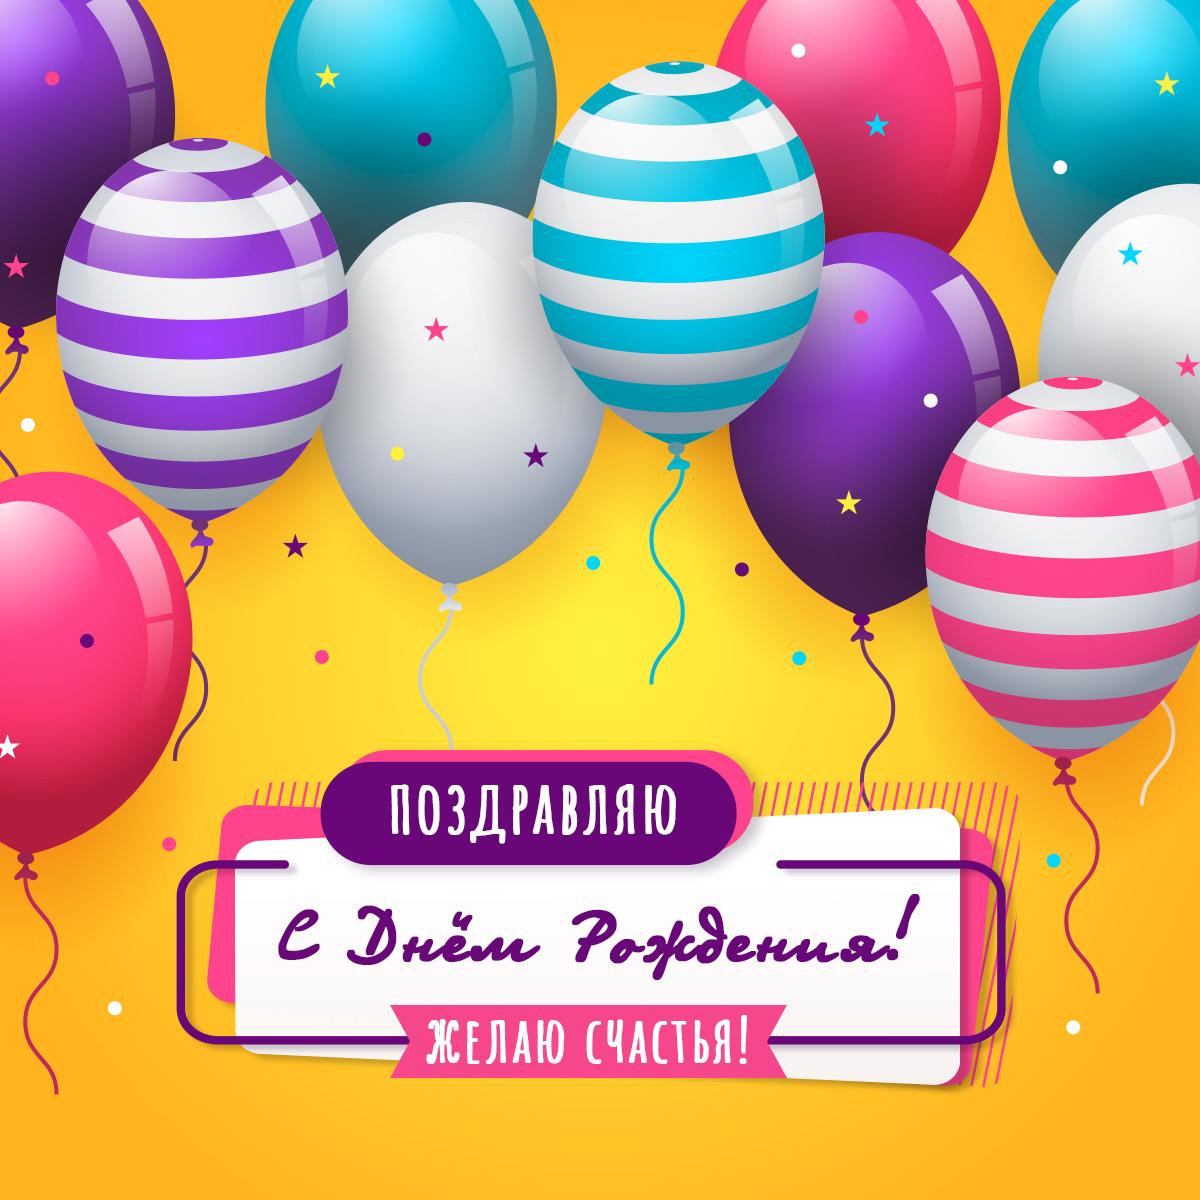 Картинка разноцветная открытка шары с днем рождения на жёлтом фоне